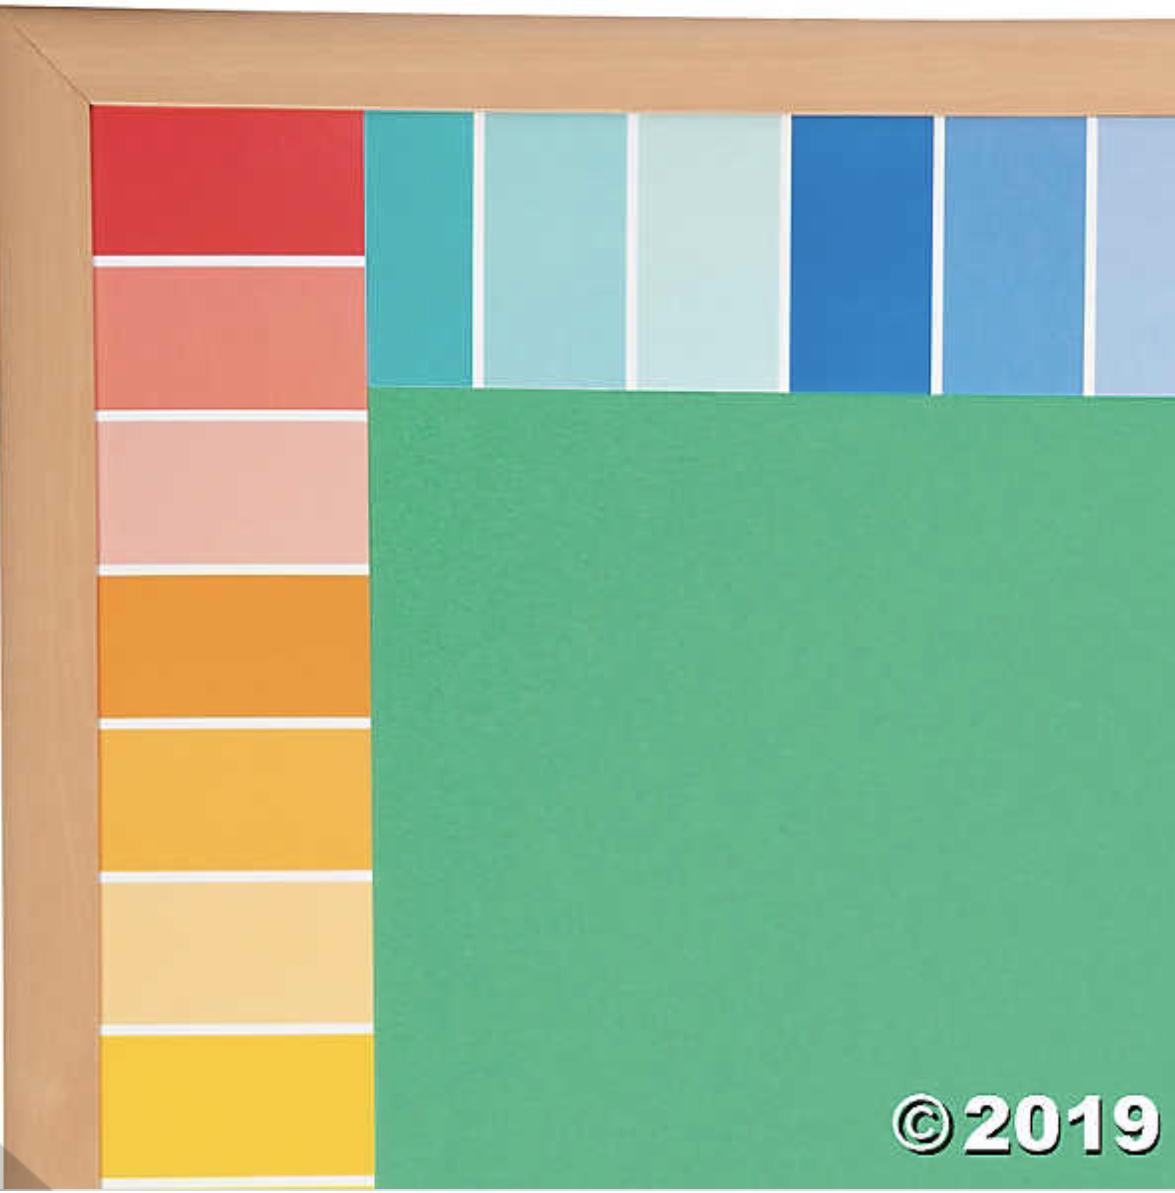 Painted Palette Rainbow Paint Chip Border